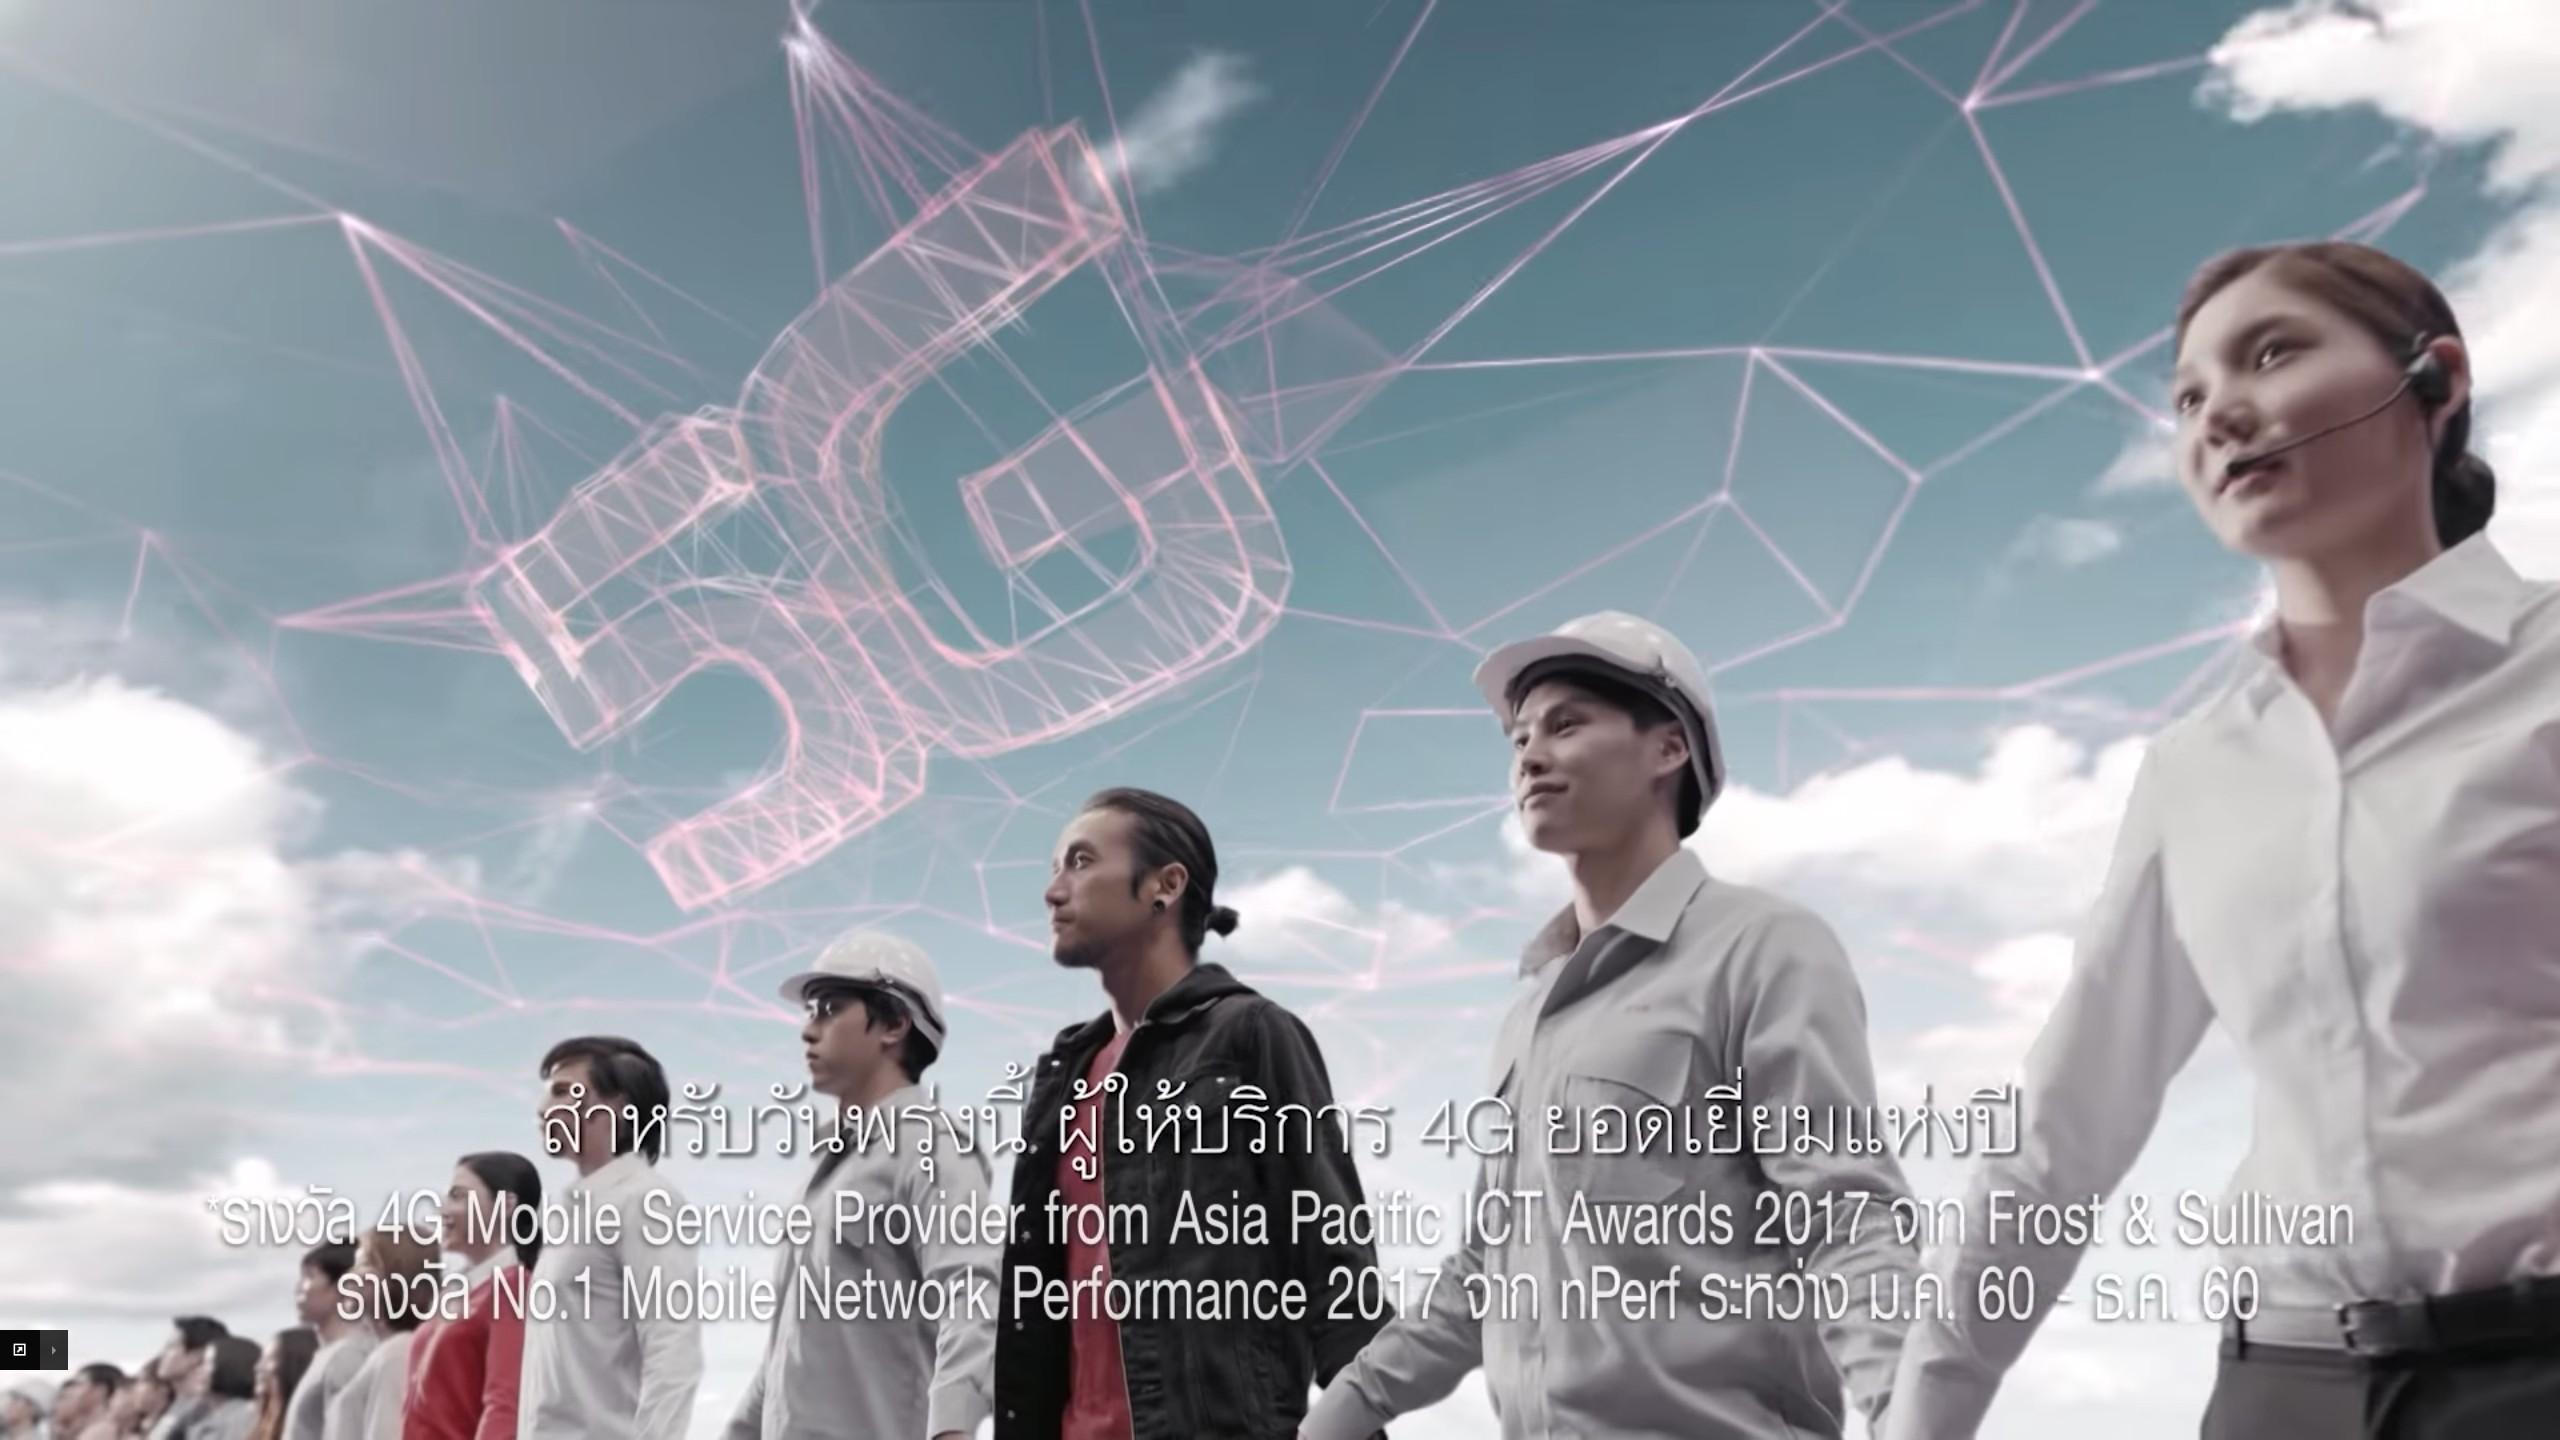 ทรูมูฟ เอช ประกาศความพร้อม พาไทยก้าวล้ำสู่เทคโนโลยีการสื่อสารแห่งอนาคตครั้งแรกของโลก!